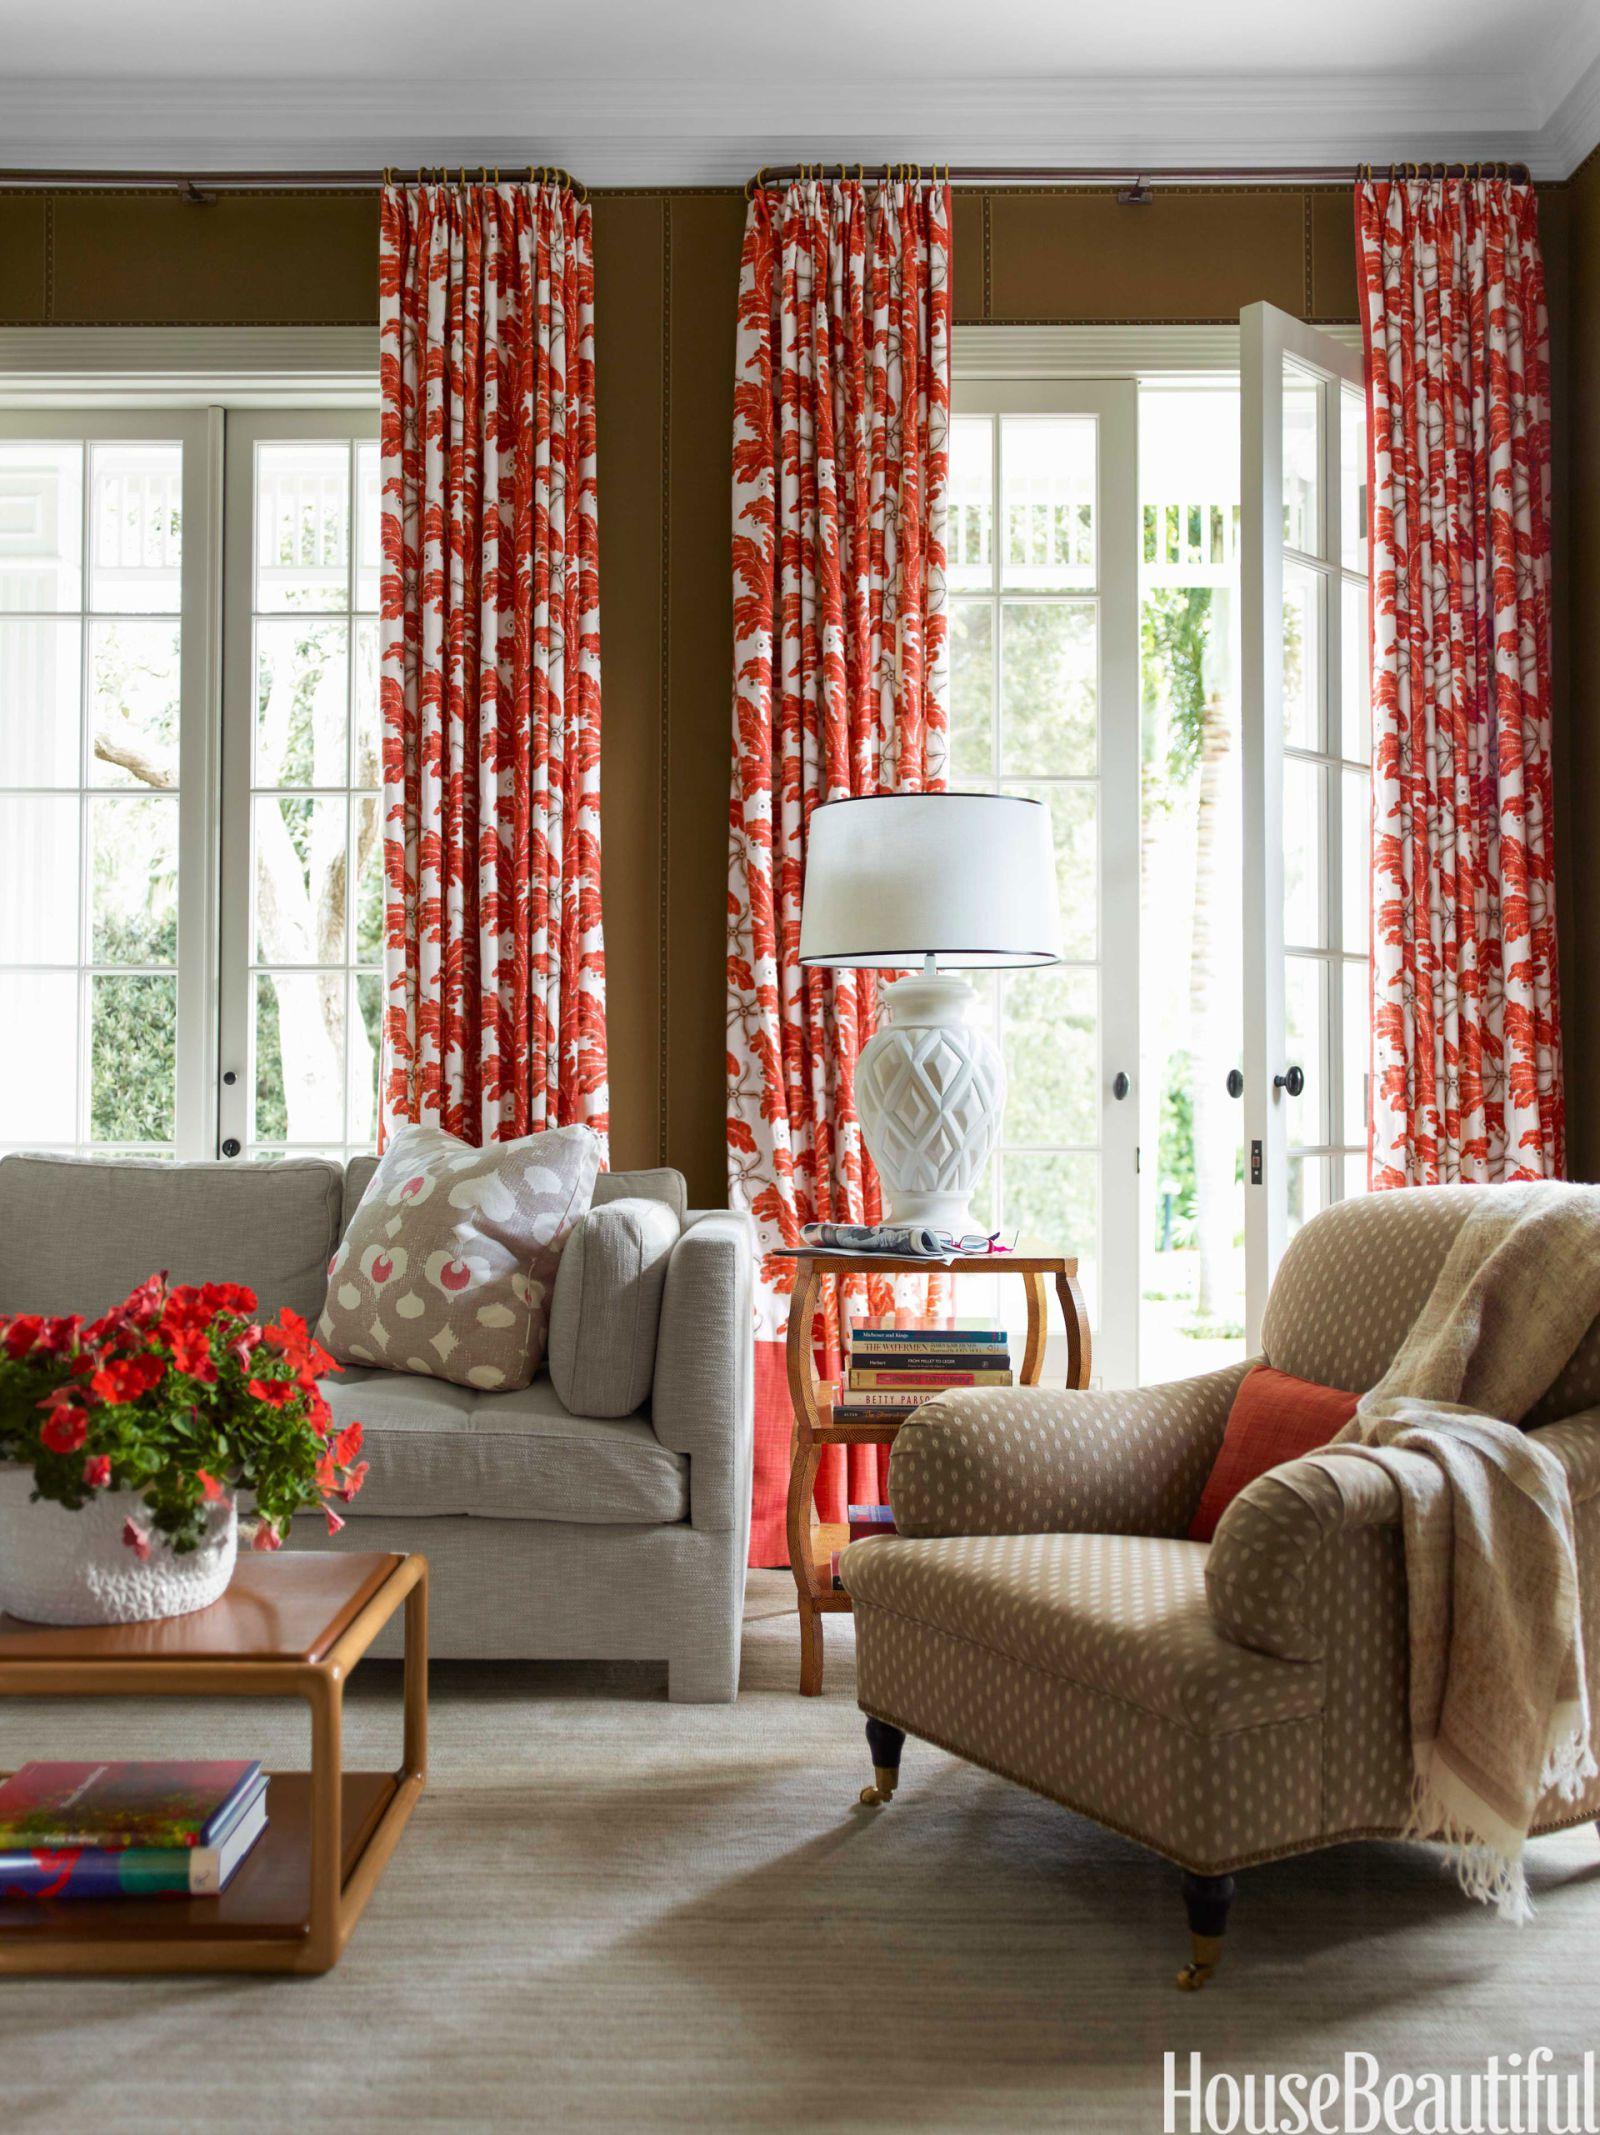 34 best window treatment ideas - modern curtains, blinds u0026 coverings HGNCKJV